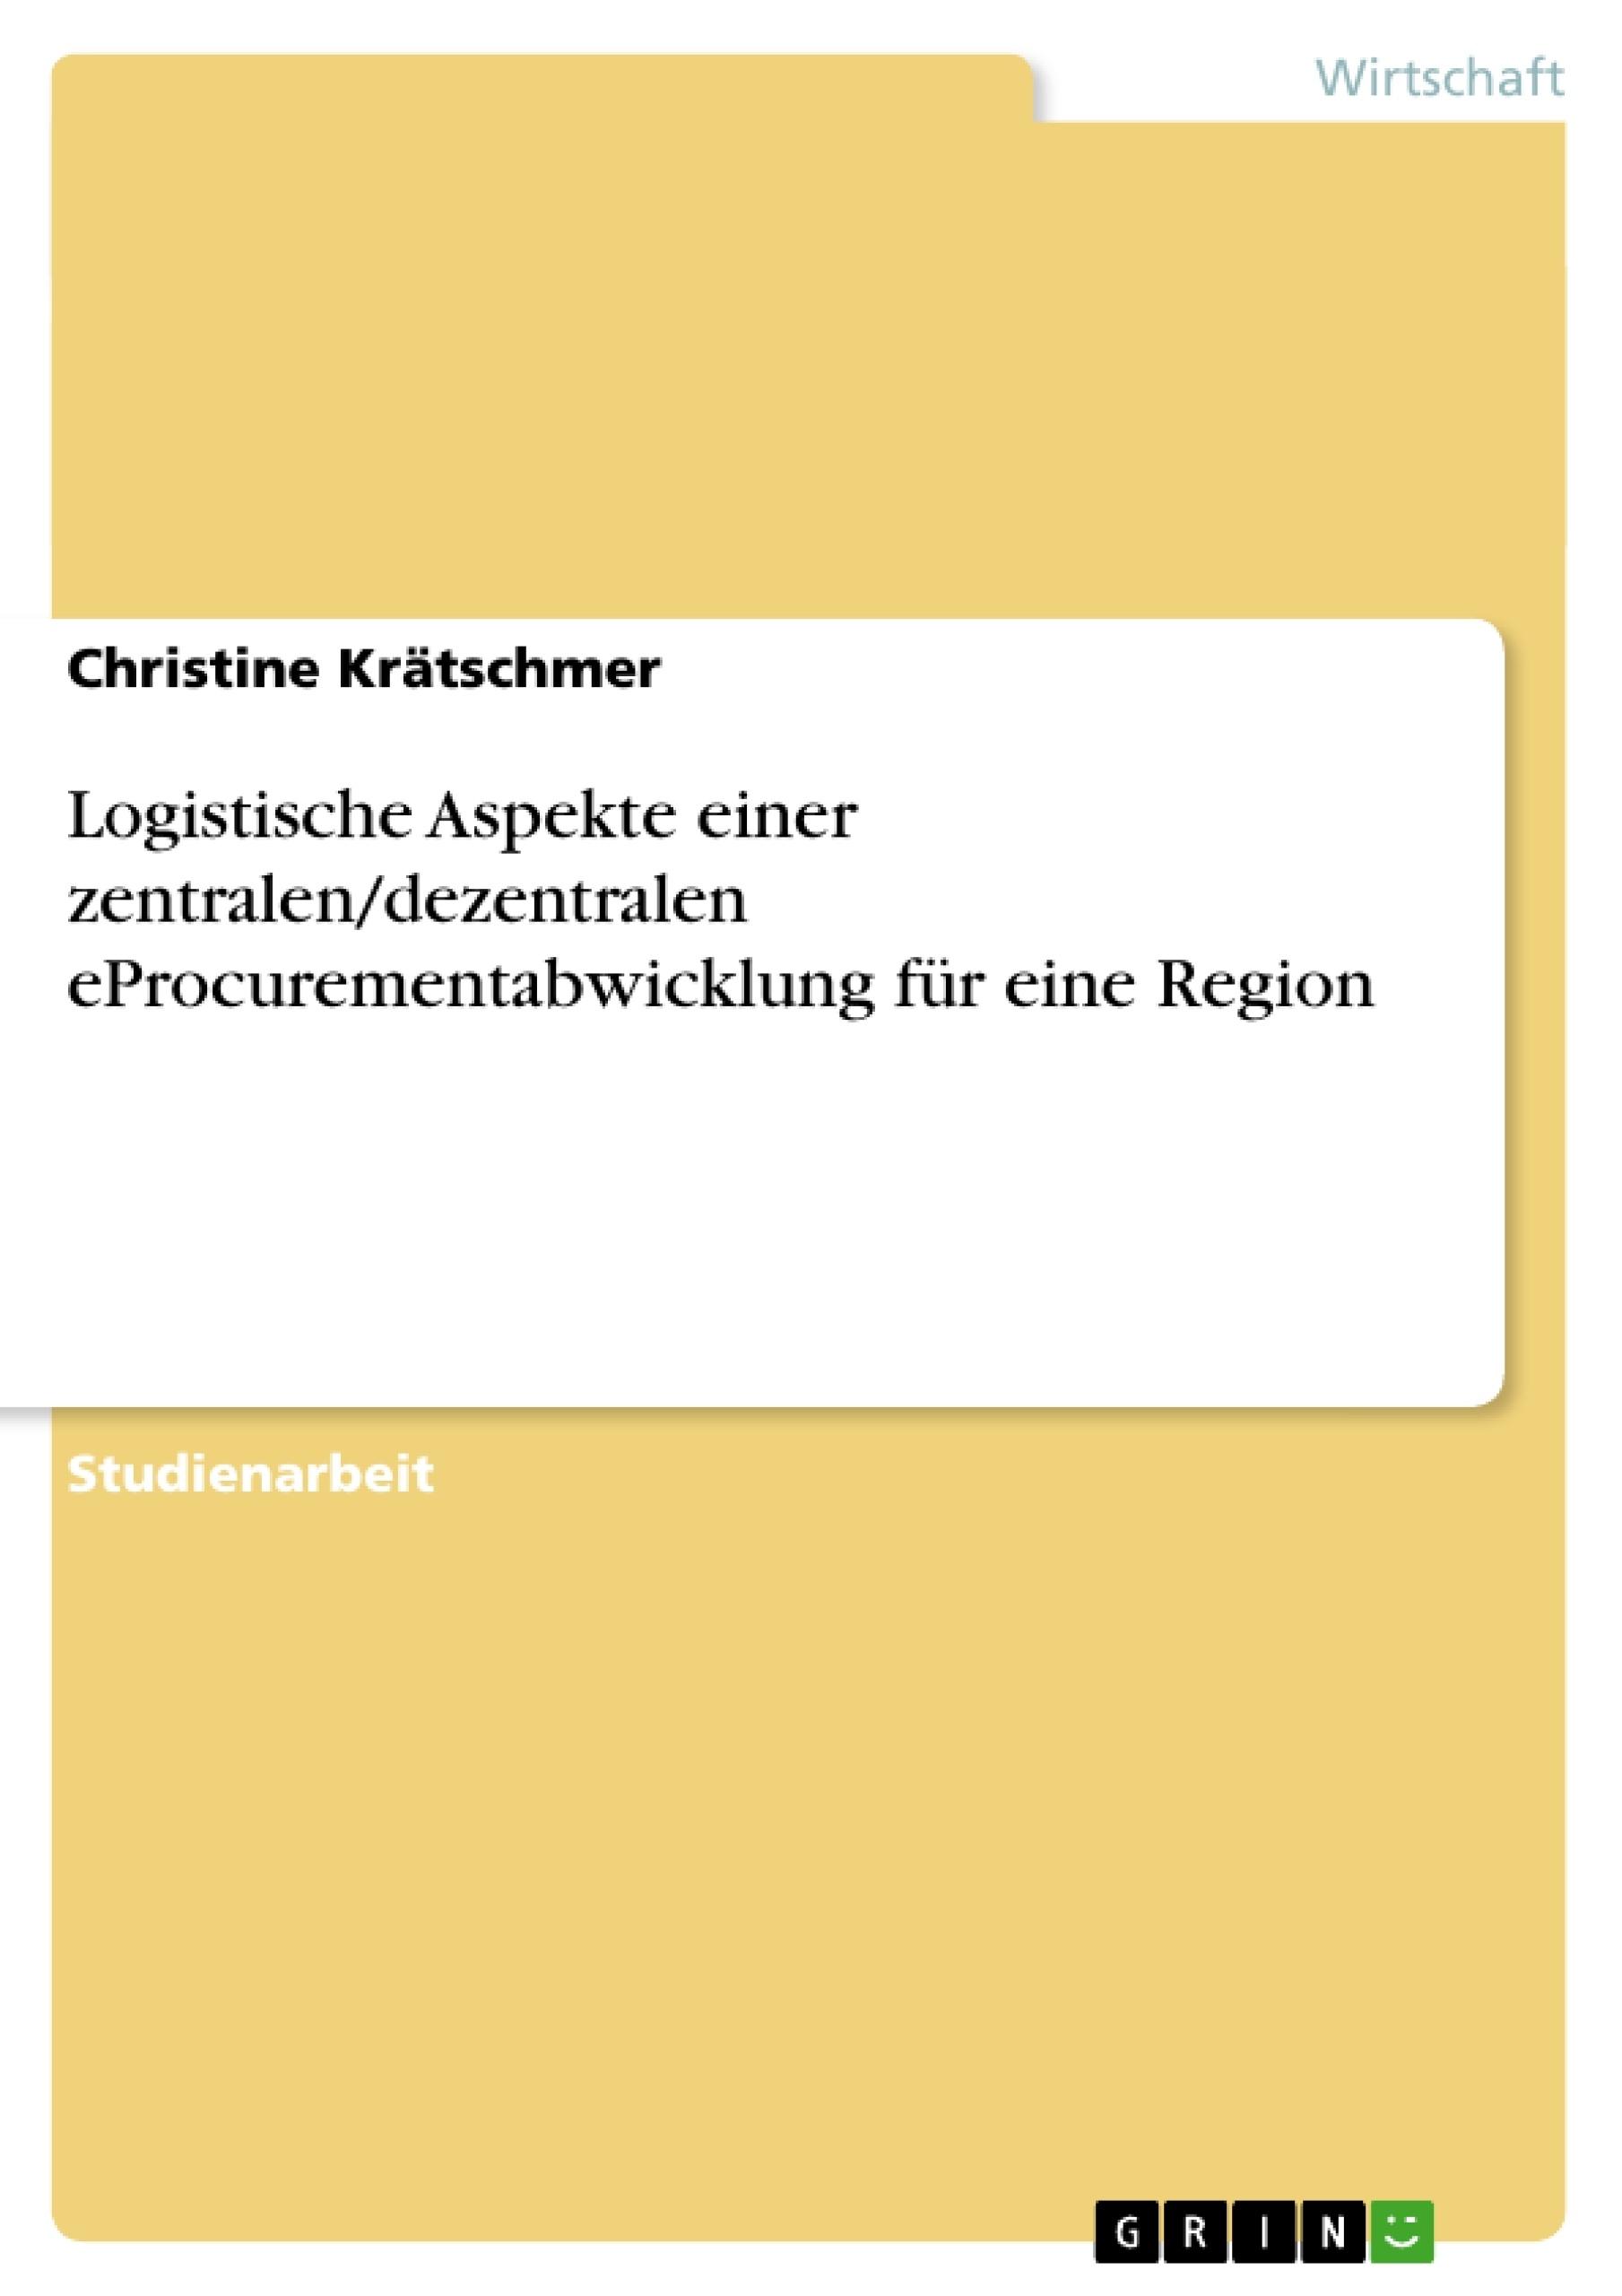 Titel: Logistische Aspekte einer zentralen/dezentralen eProcurementabwicklung für eine Region